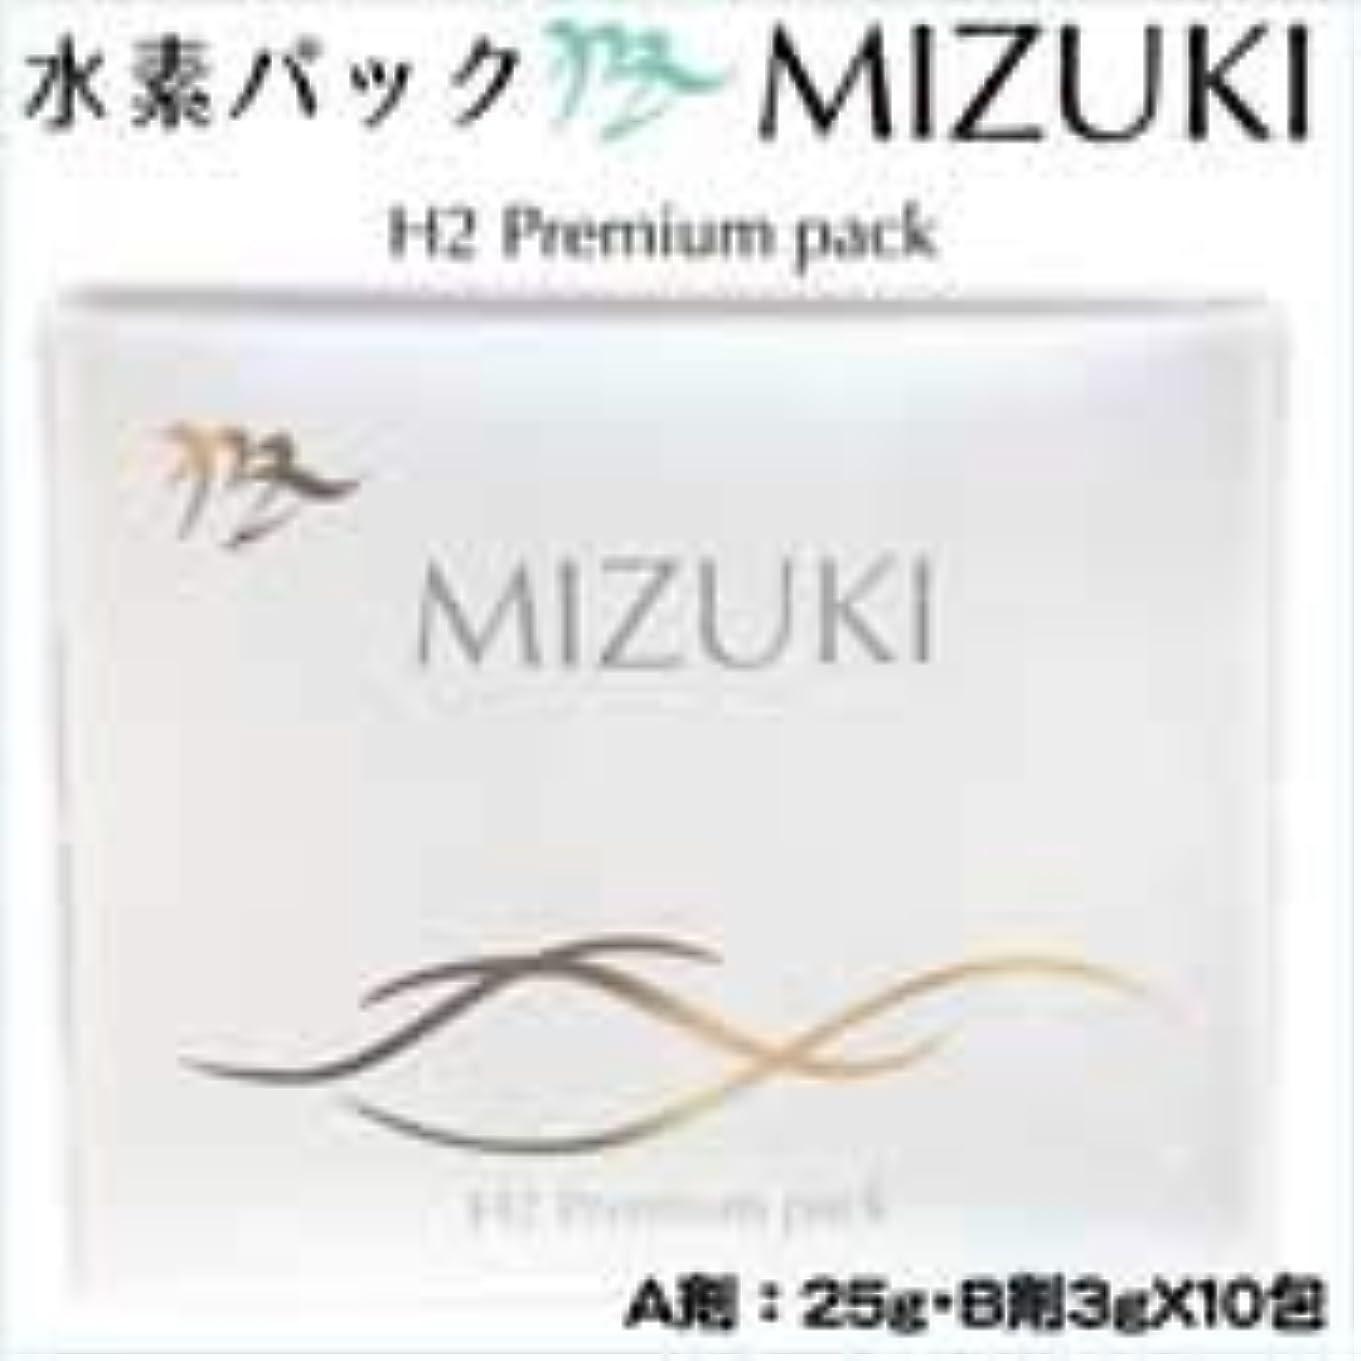 計画太い式MIZUKI H2 Premium pack ミズキ プレミアムパック A剤:25g、B剤:3gX10包 スパチュラ付き